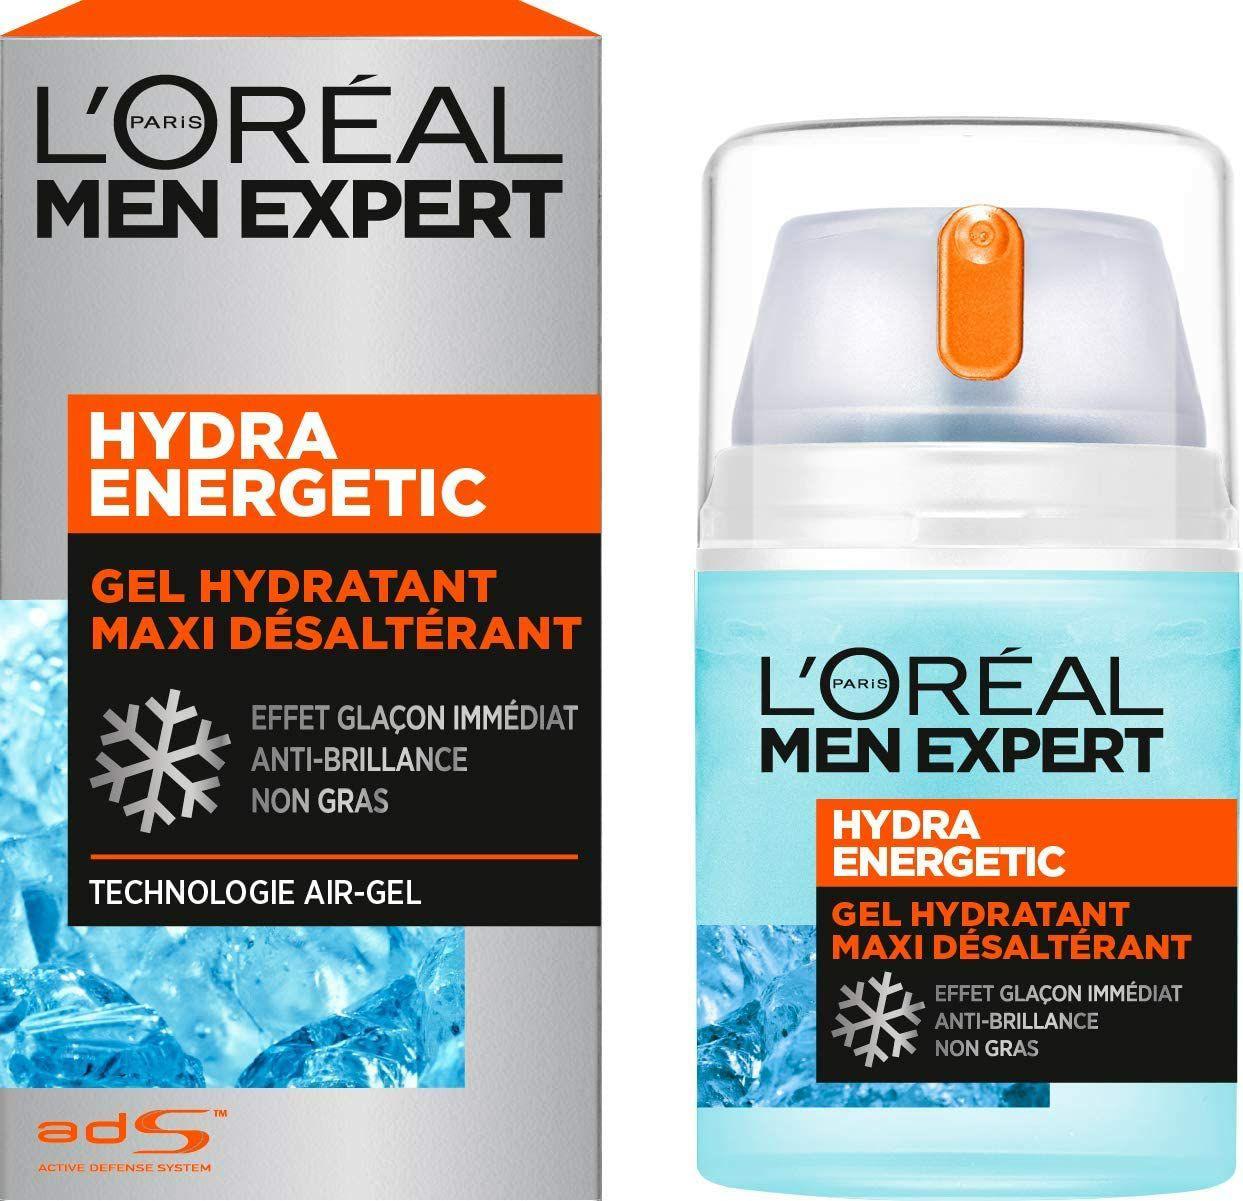 [Abonnement Economisez en vous abonnant] Gel Hydra Energetic Homme L'Oréal Men Expert - Hydra Power - 50 ml